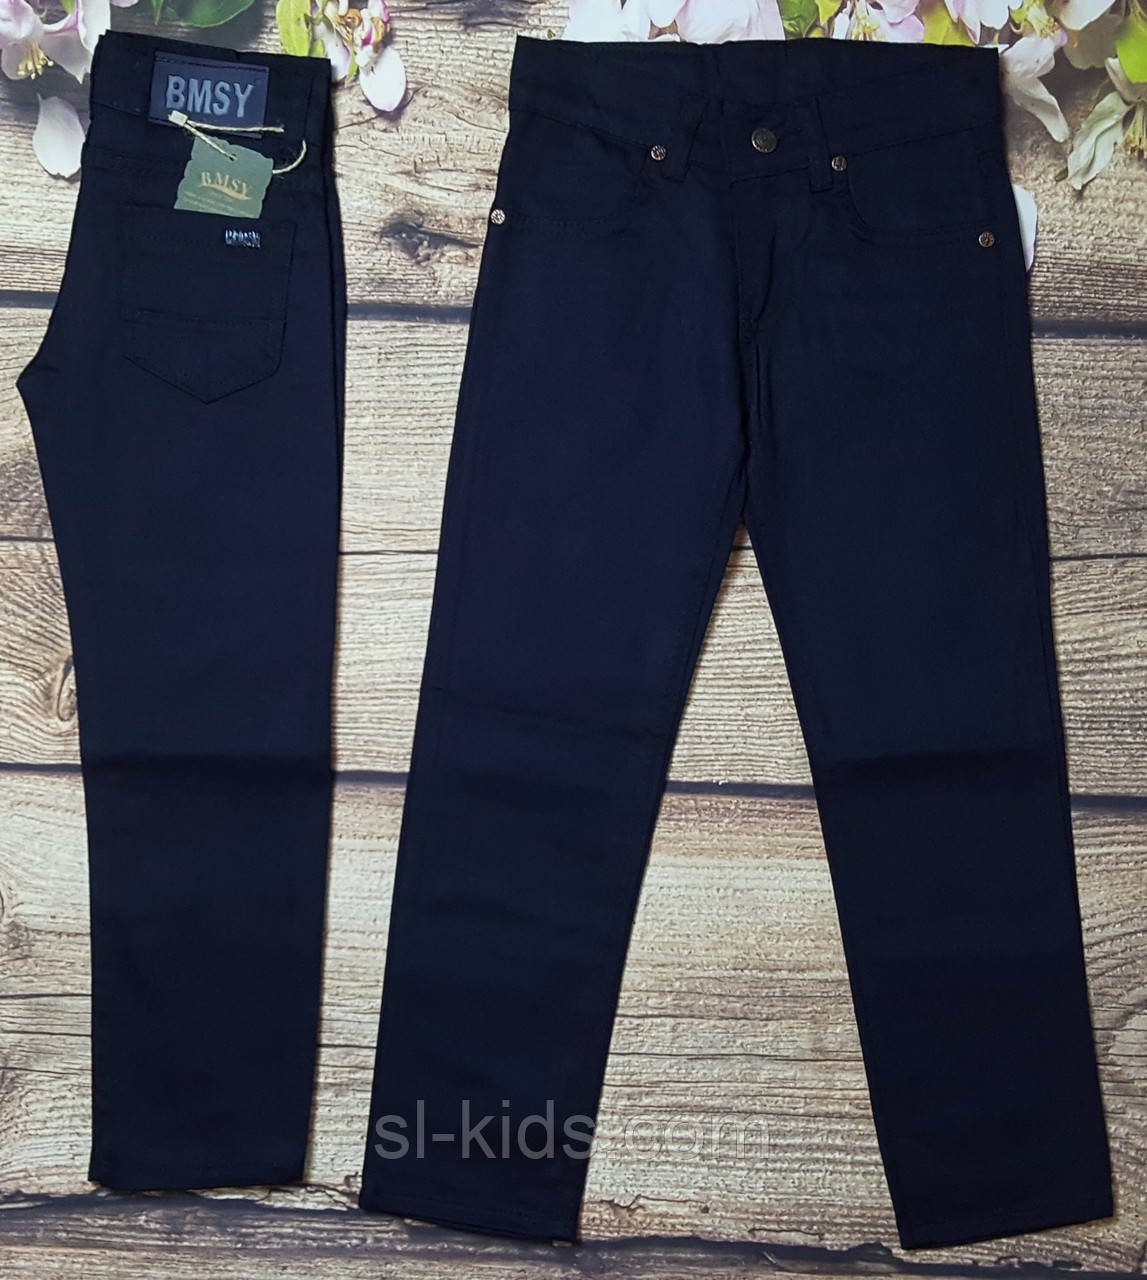 Яркие штаны для мальчика 7-11 лет (черные) опт пр.Турция